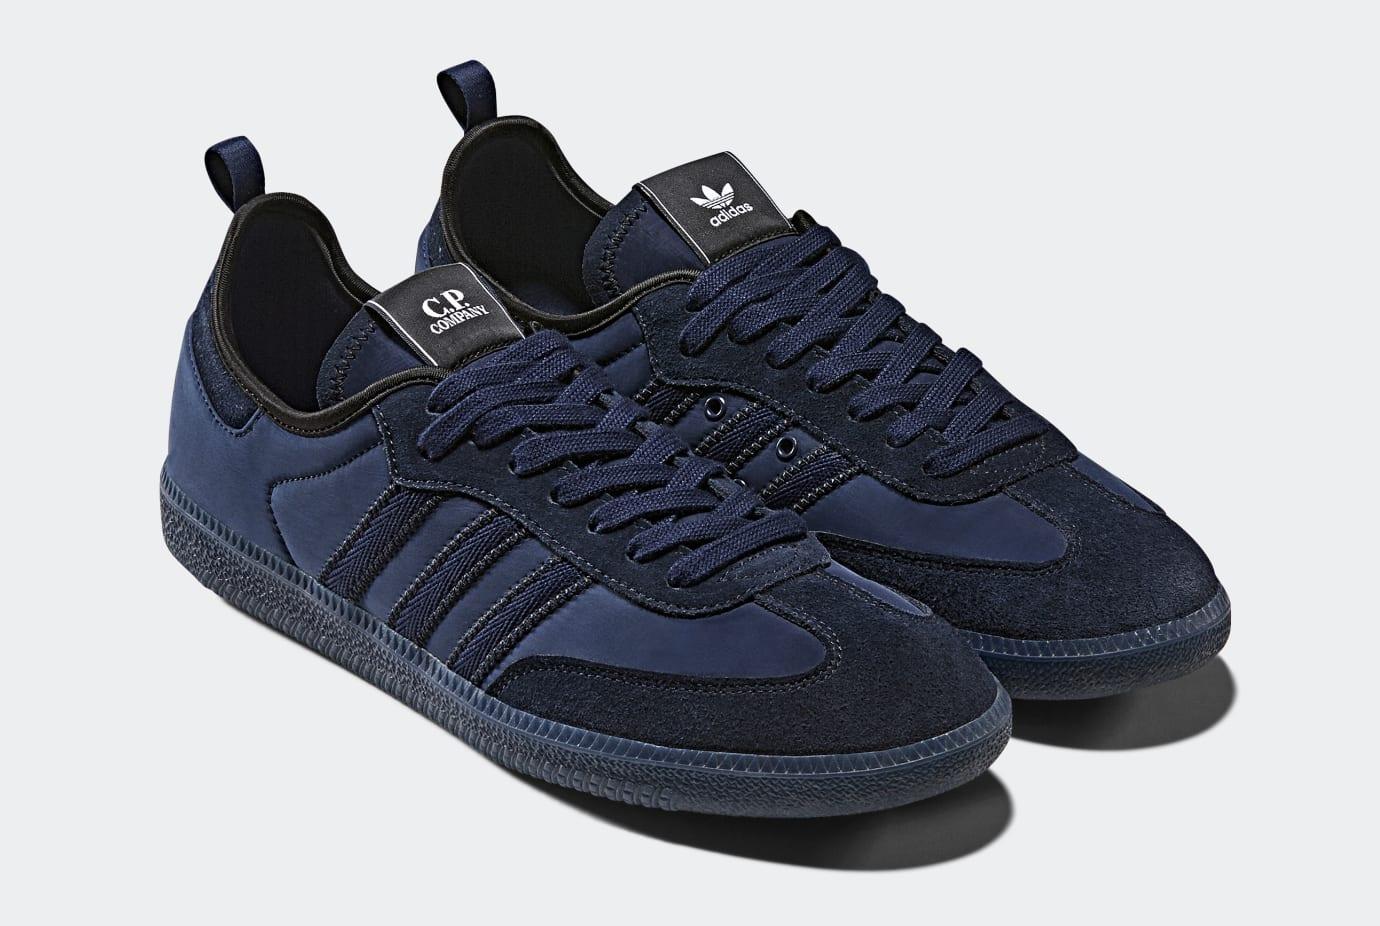 Adidas x C.P. Company Samba 'Navy' CG5957